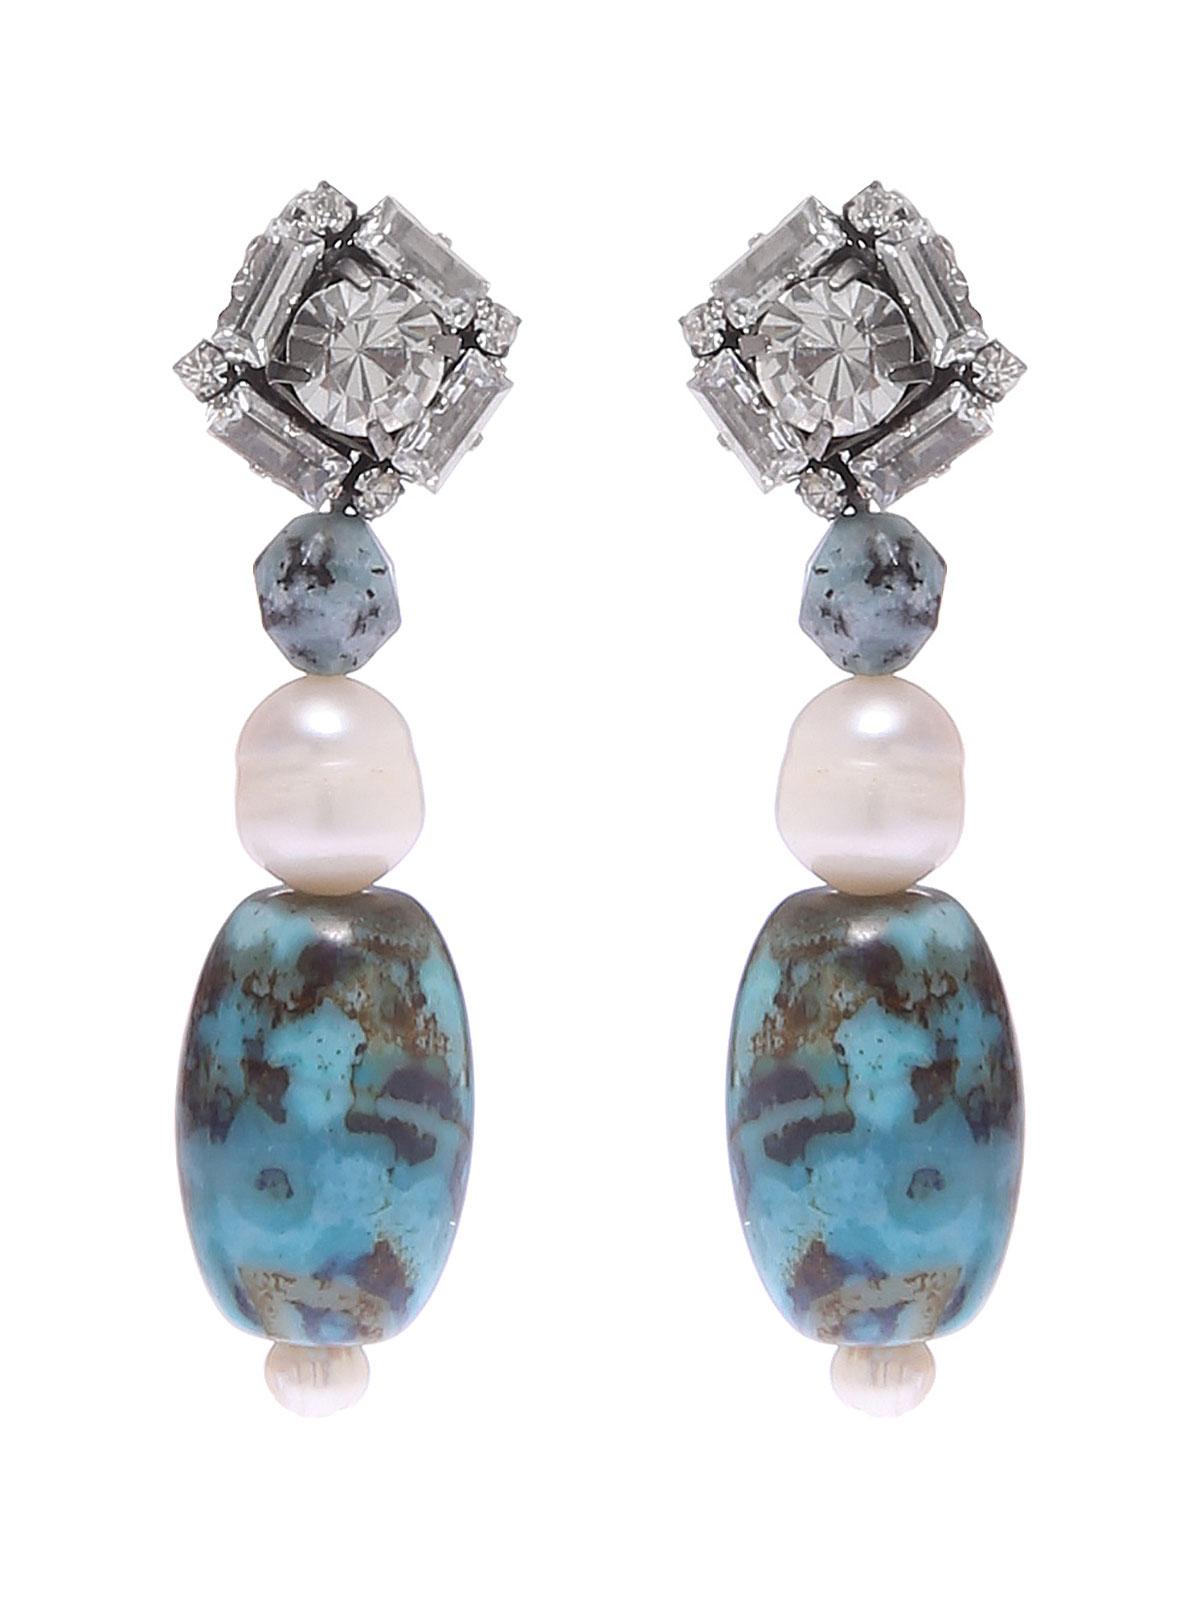 Orecchini con perle di Labradorite.